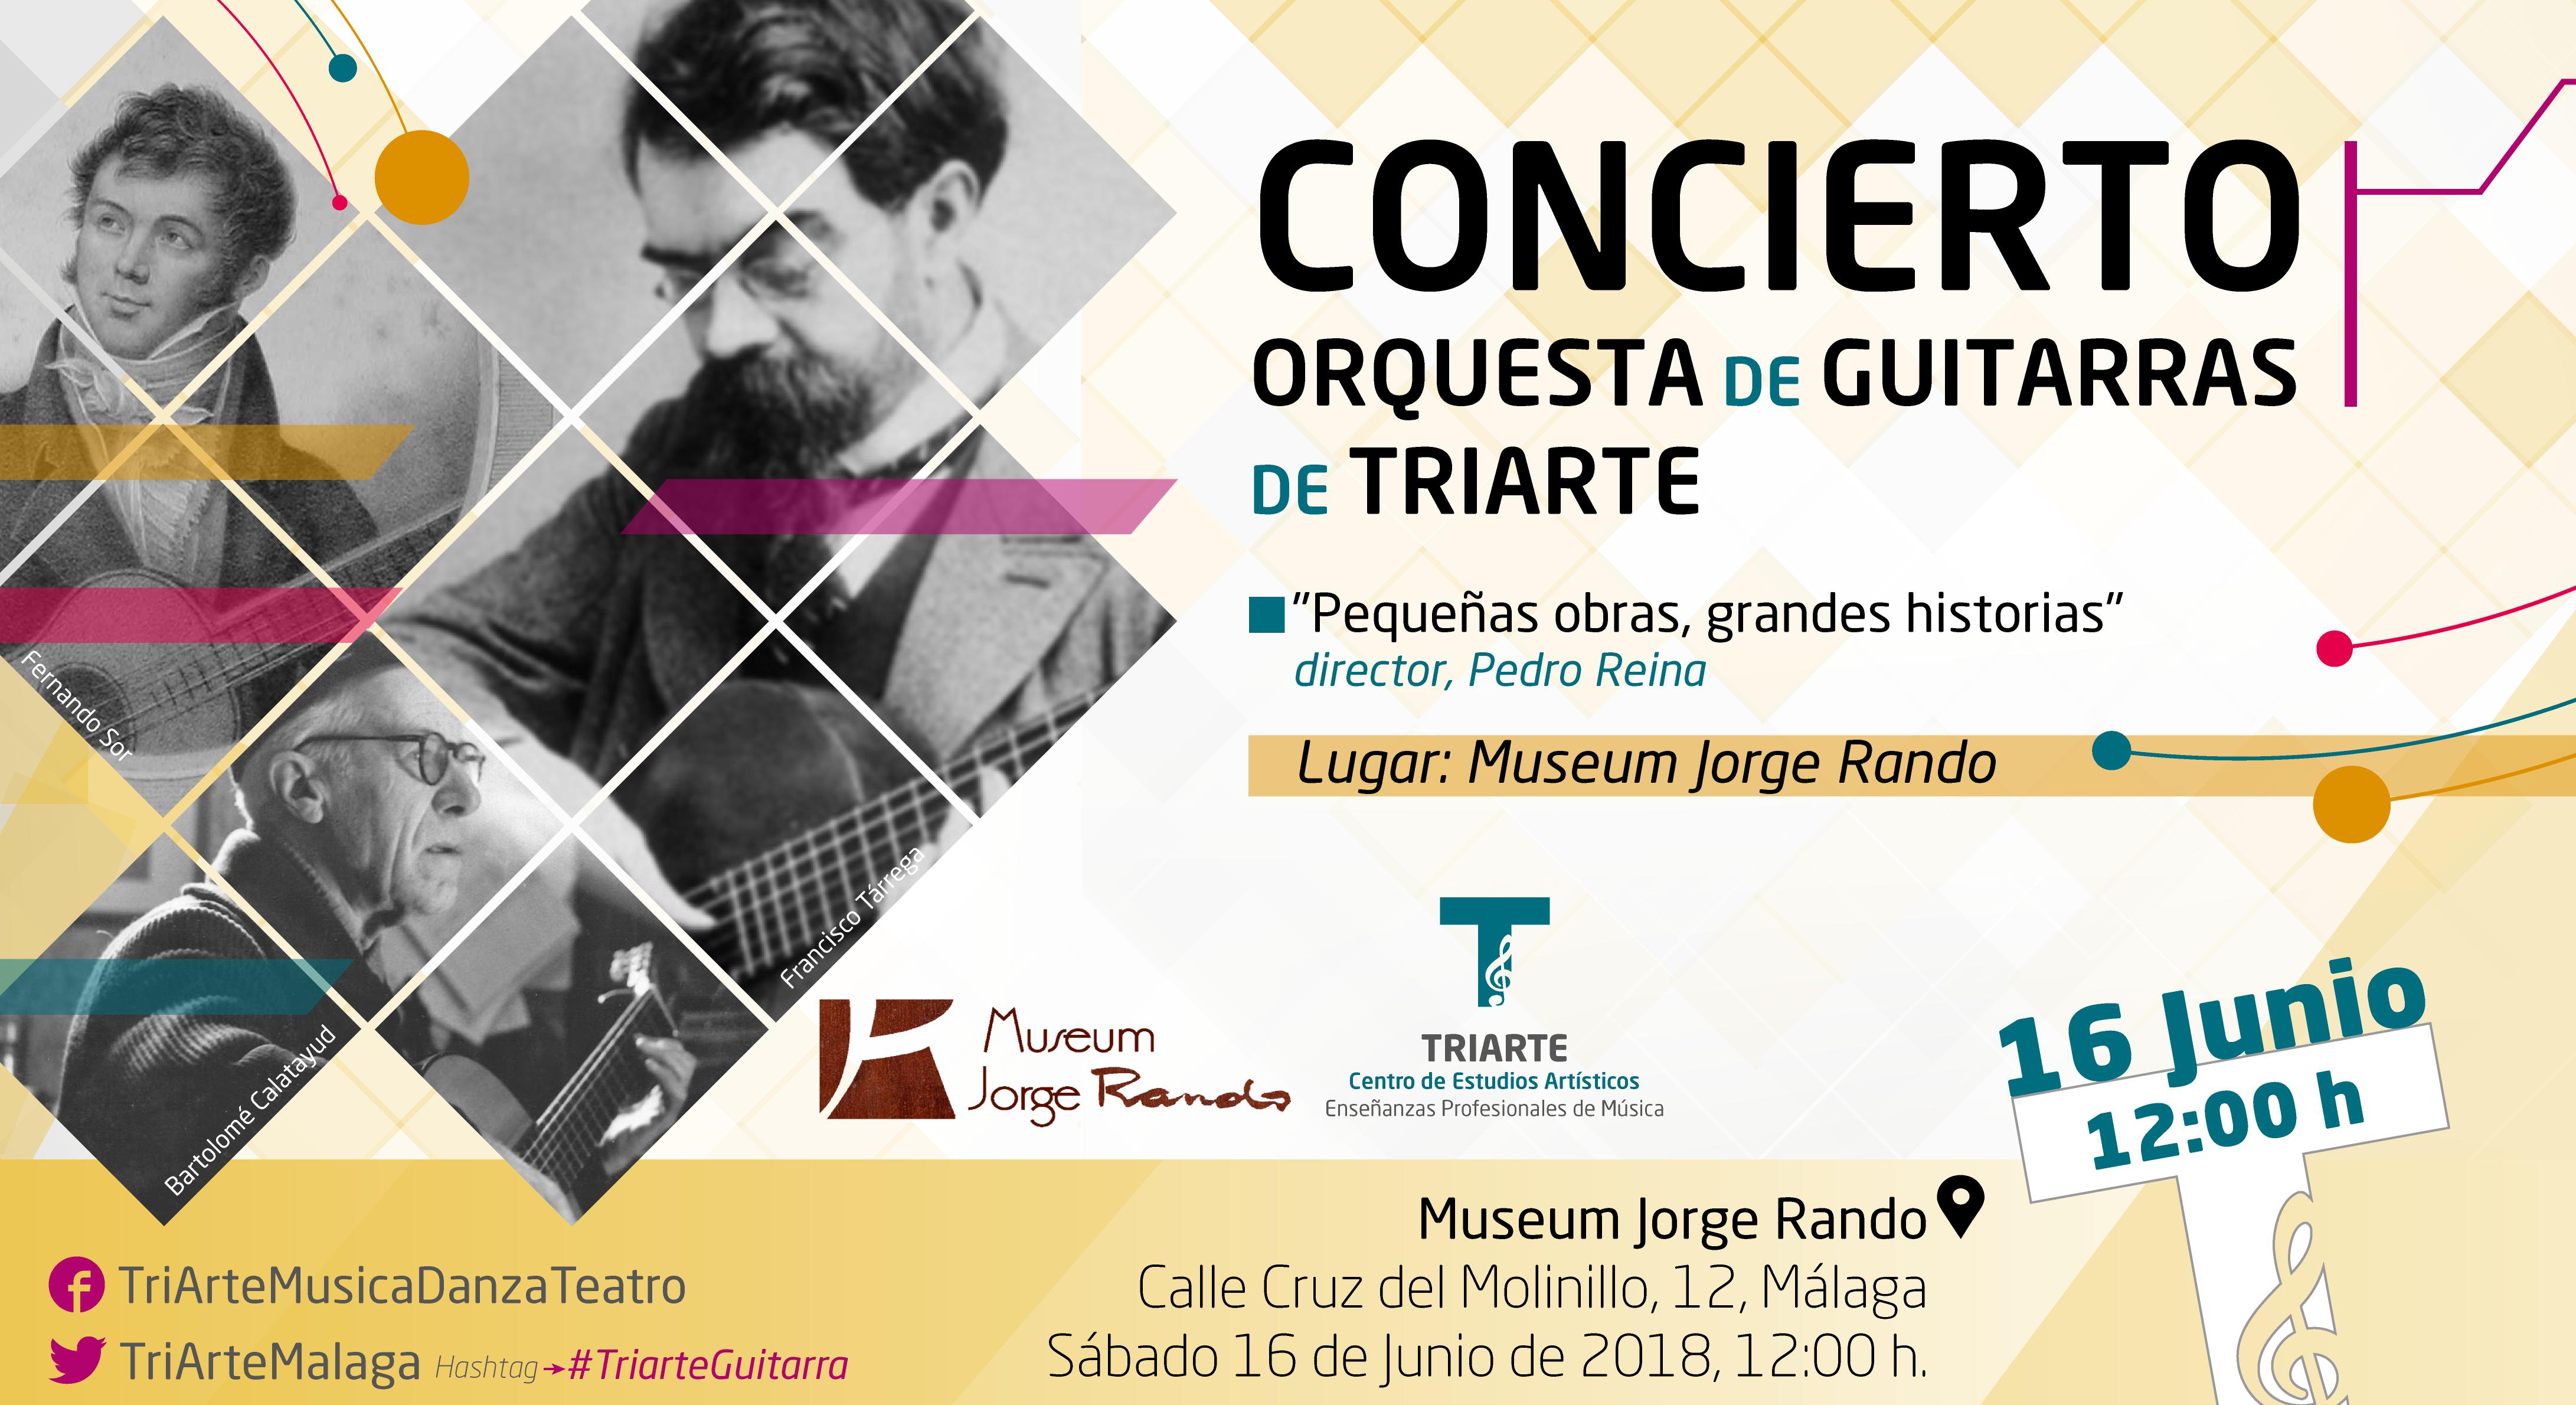 Orquesta de Guitarras de Triarte. Concierto en Museum Jorge Rando, Málaga. Fernando Sor, Tárrega, Bartolomé Calatayud